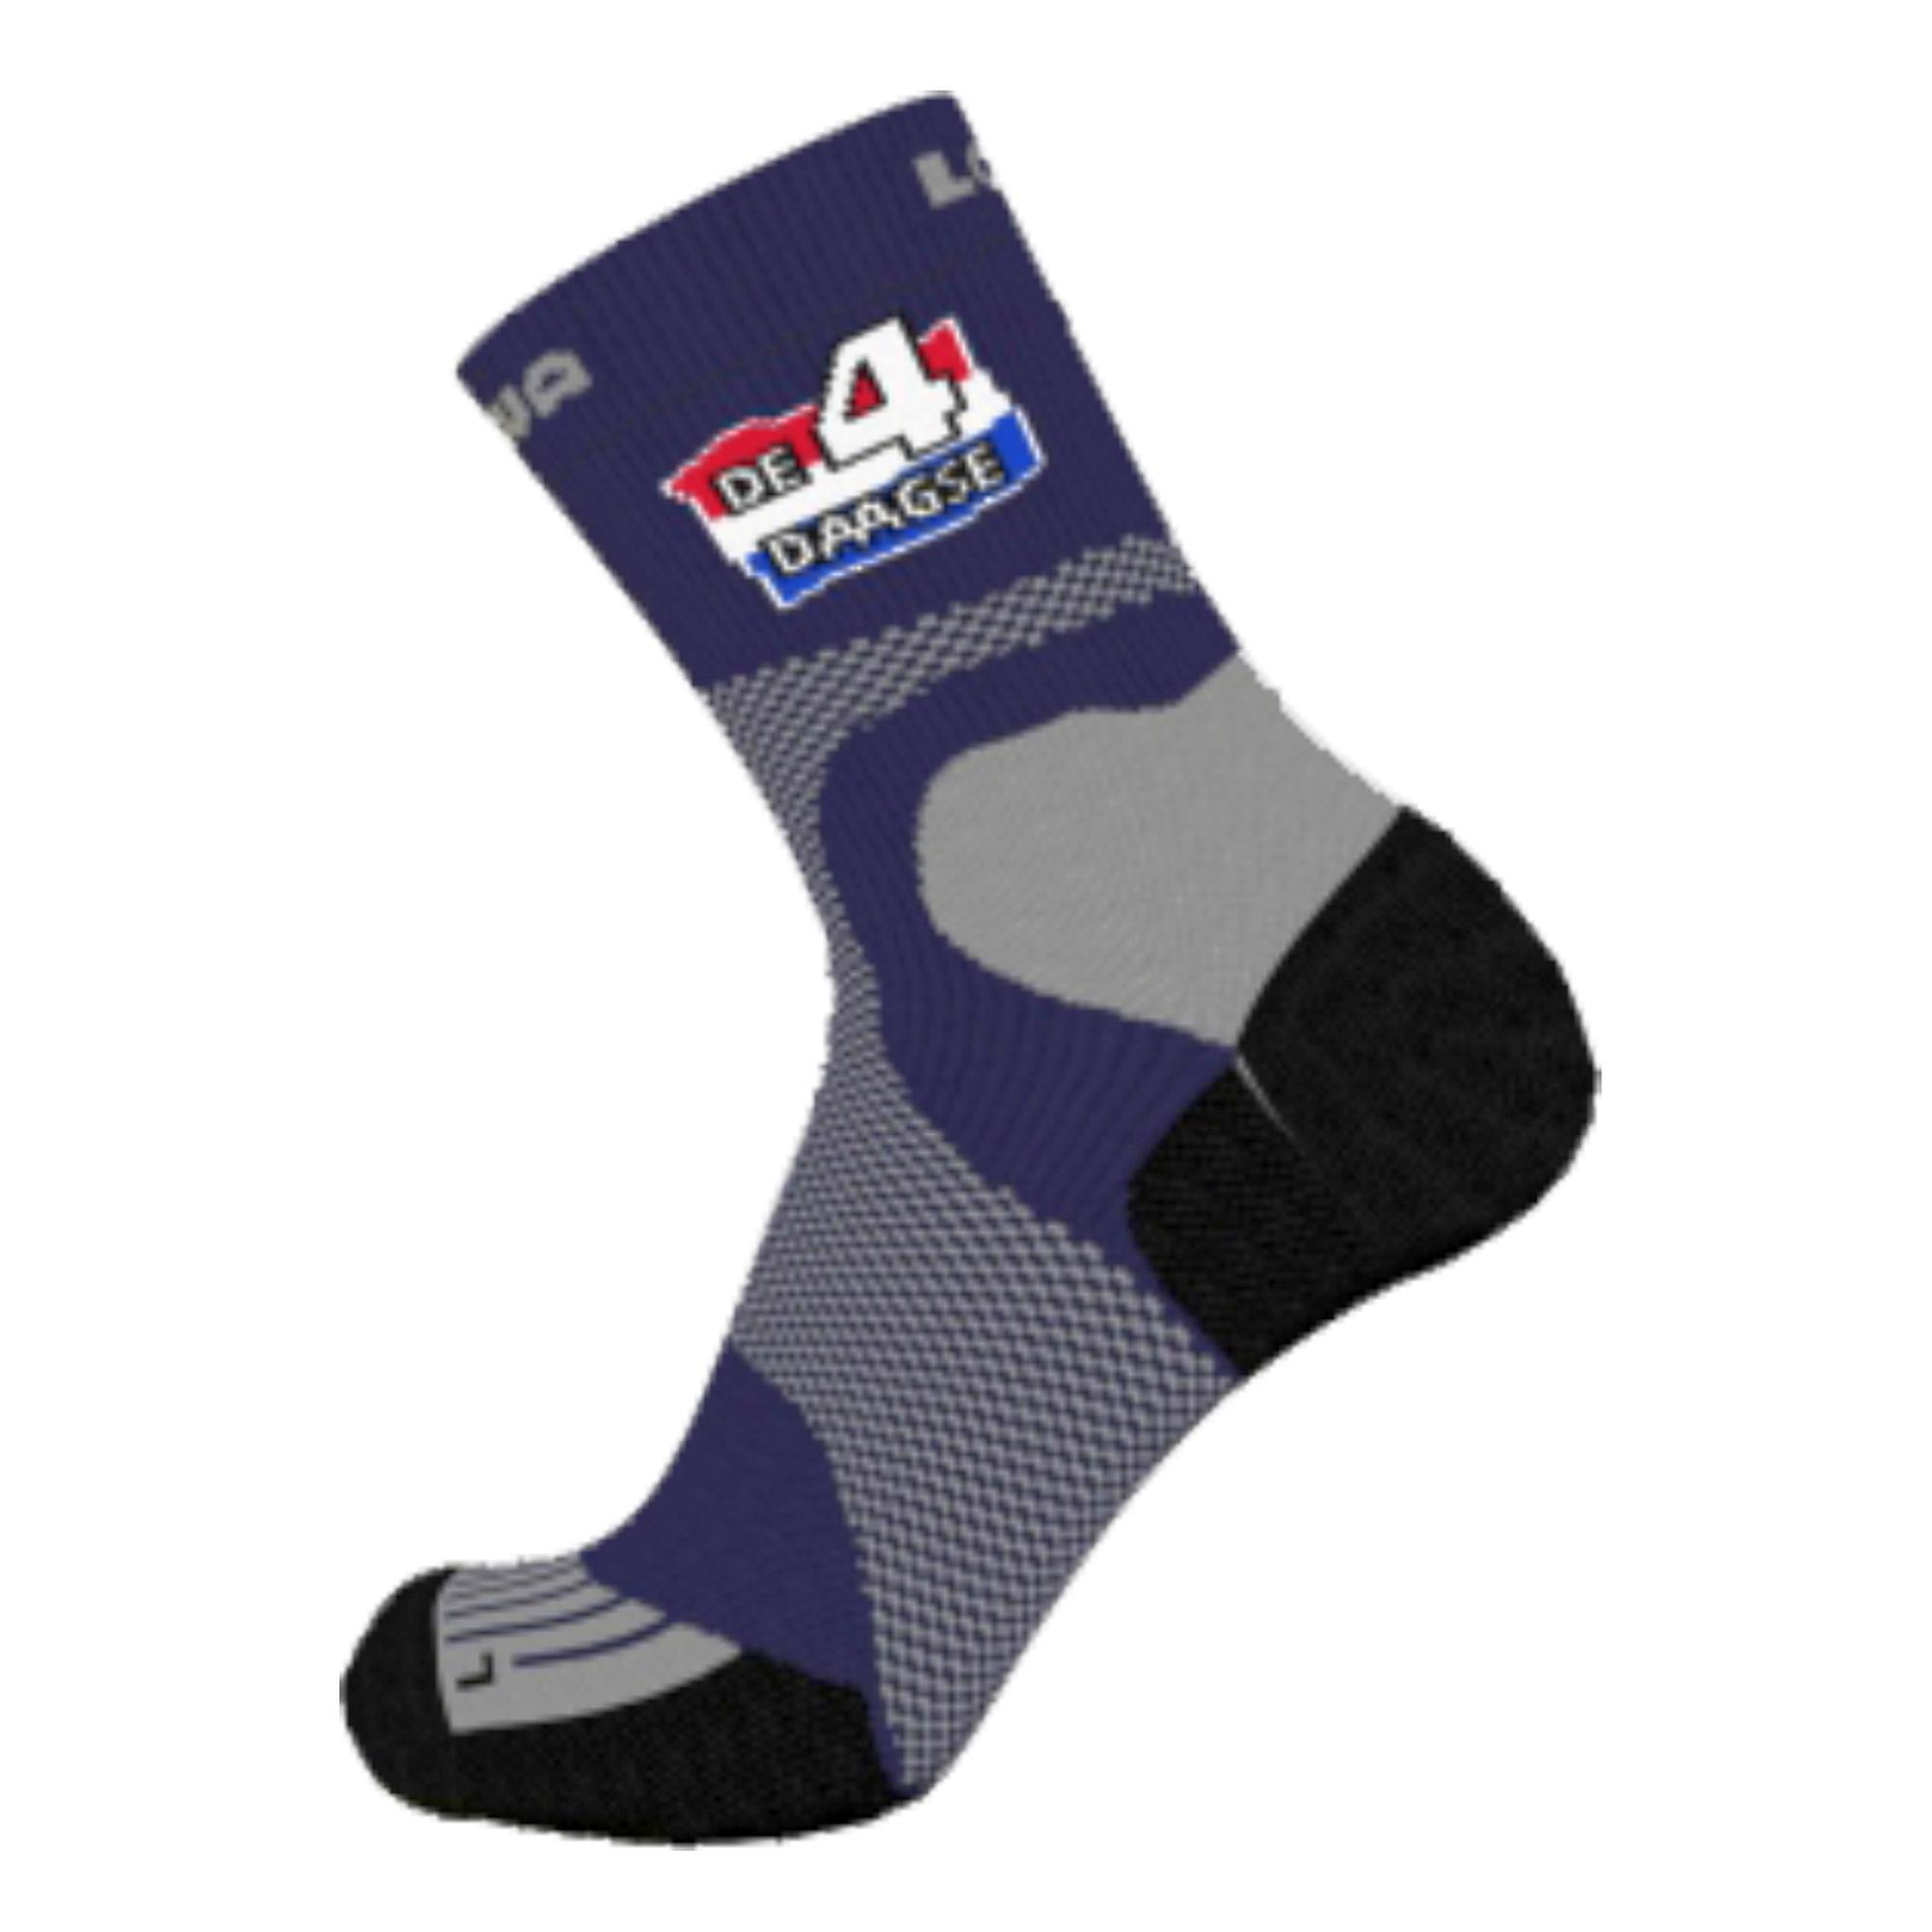 Lowa Vierdaagse sock LS830872 0649 Navy